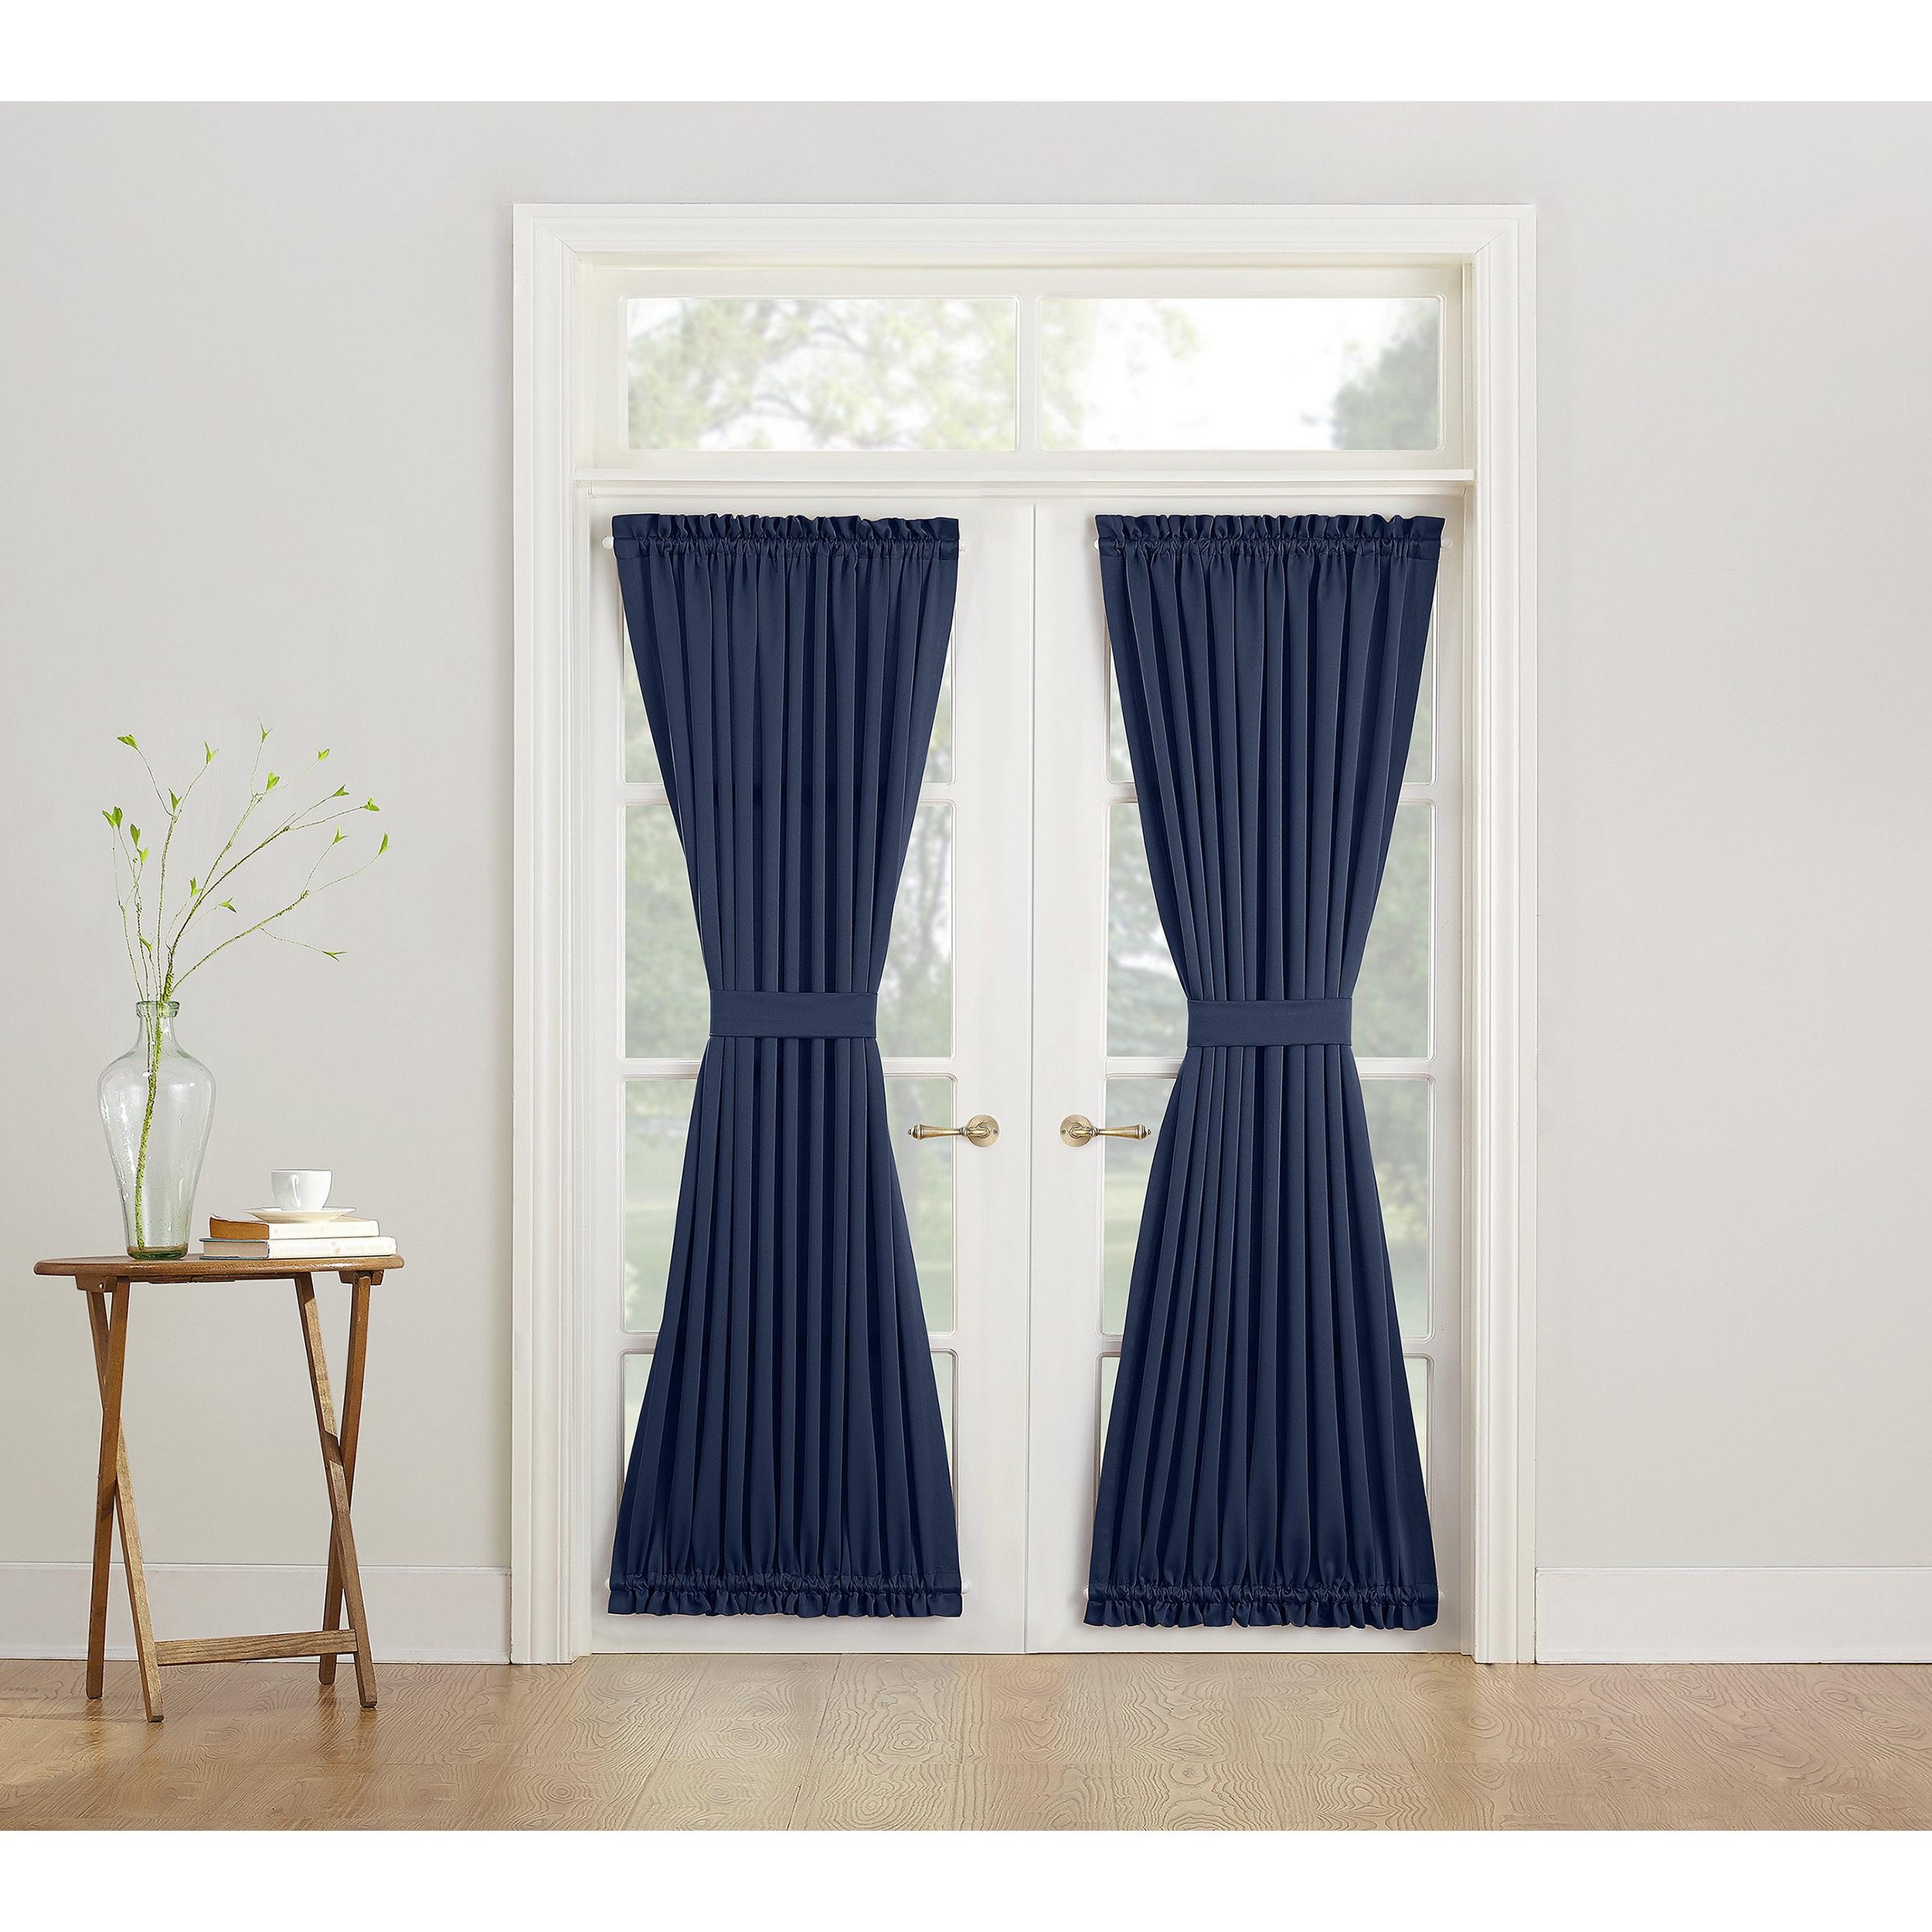 2021 Porch & Den Nantahala Blue Rod Pocket Room Darkening Window Door Panel Regarding Nantahala Rod Pocket Room Darkening Patio Door Single Curtain Panels (View 15 of 20)